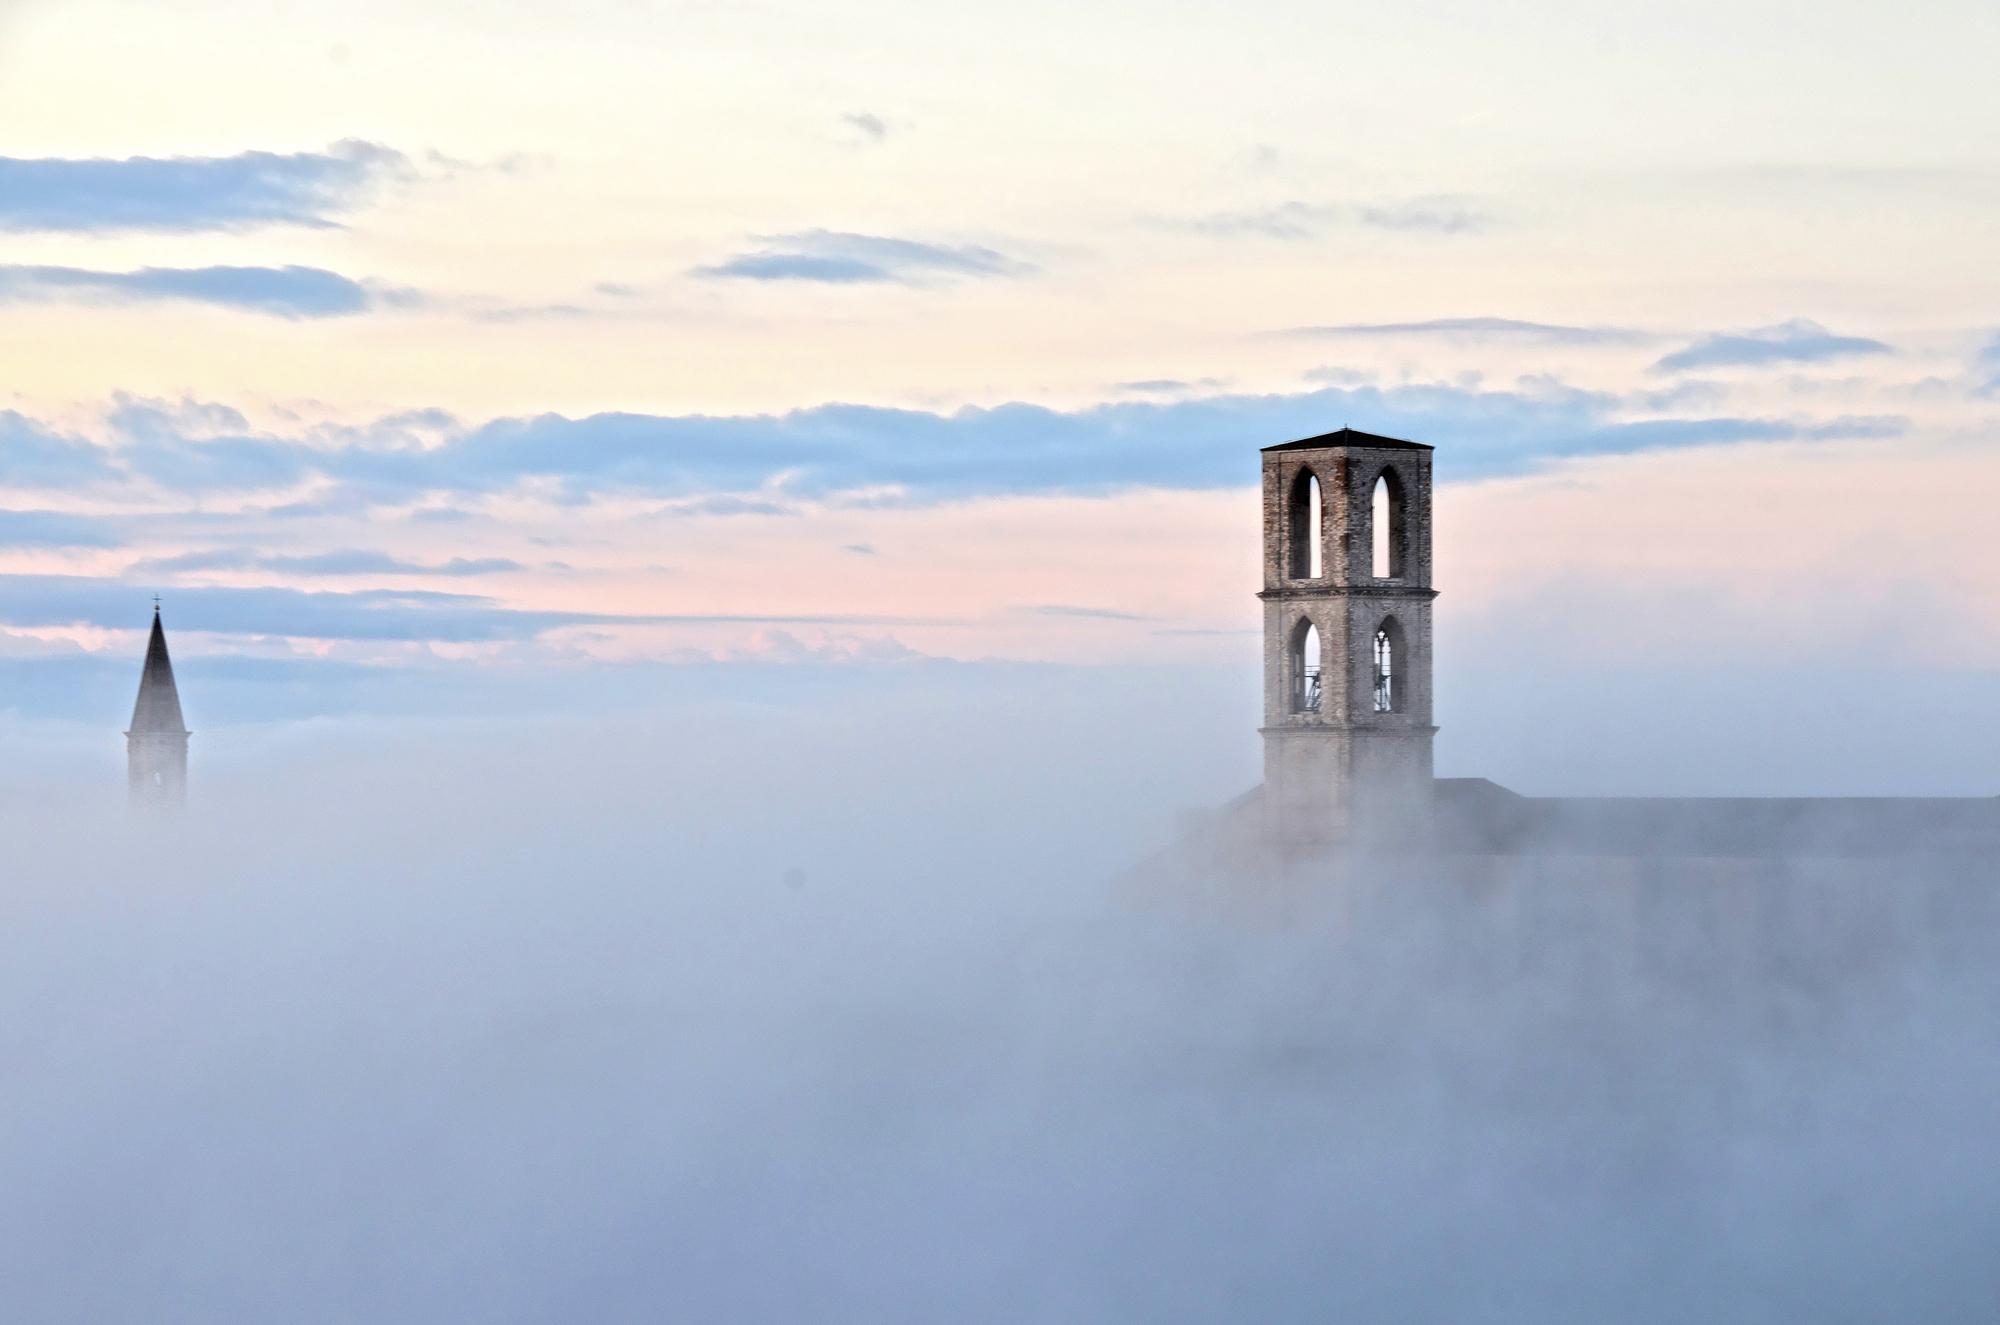 Fuori e dentro la nebbia di Migliu